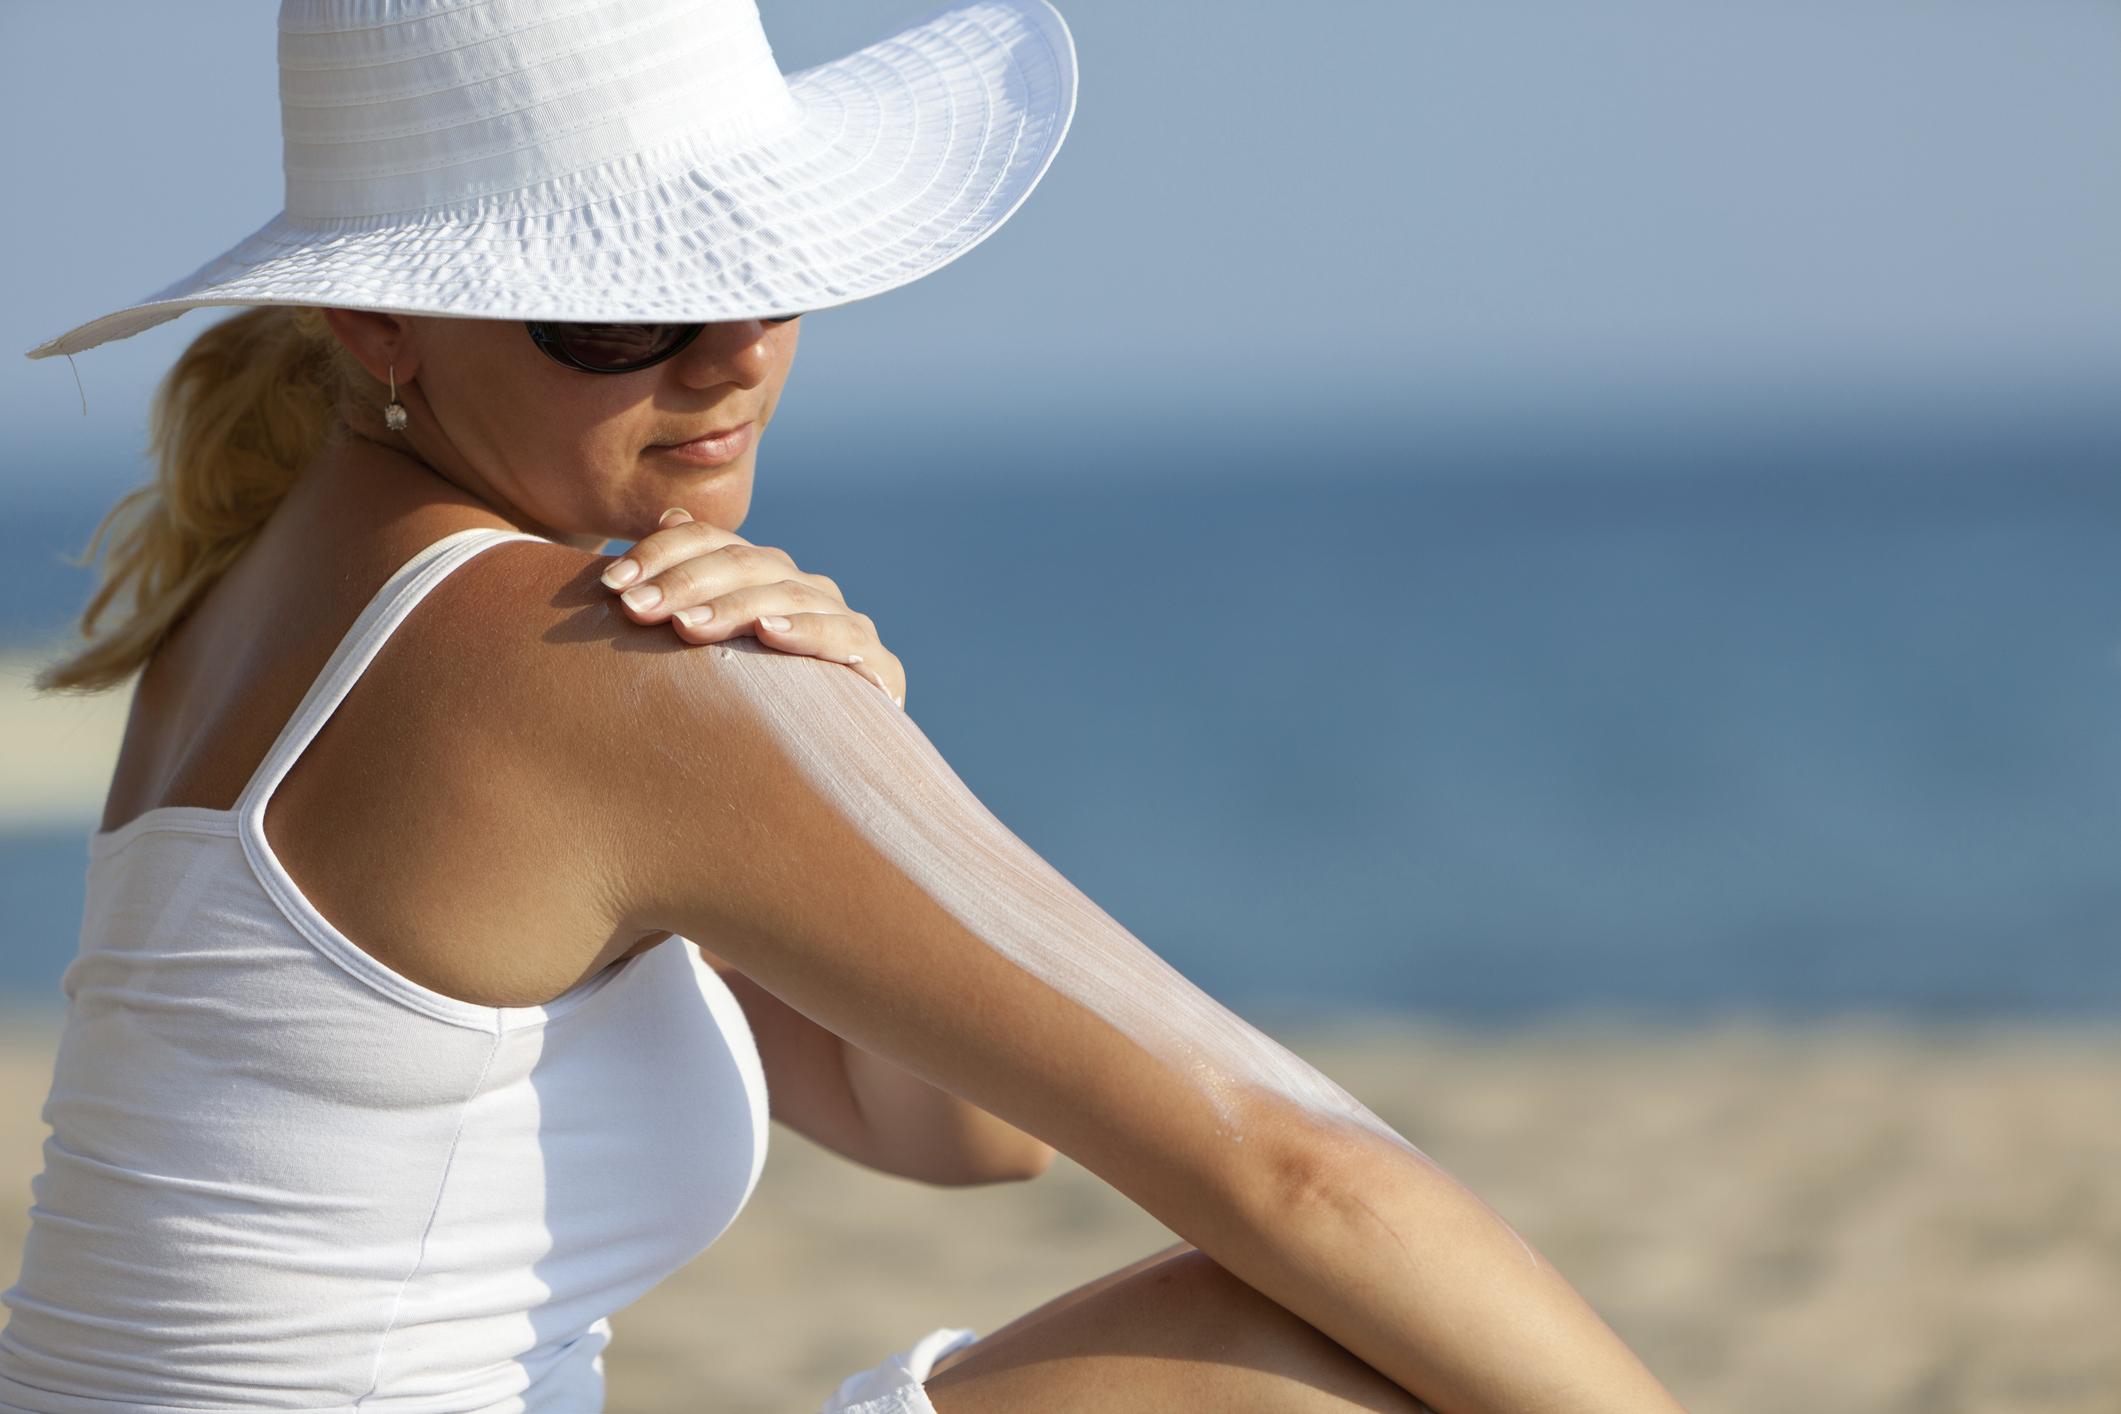 احتیاط در استفاده از کرم های ضد آفتاب در دوران بارداری